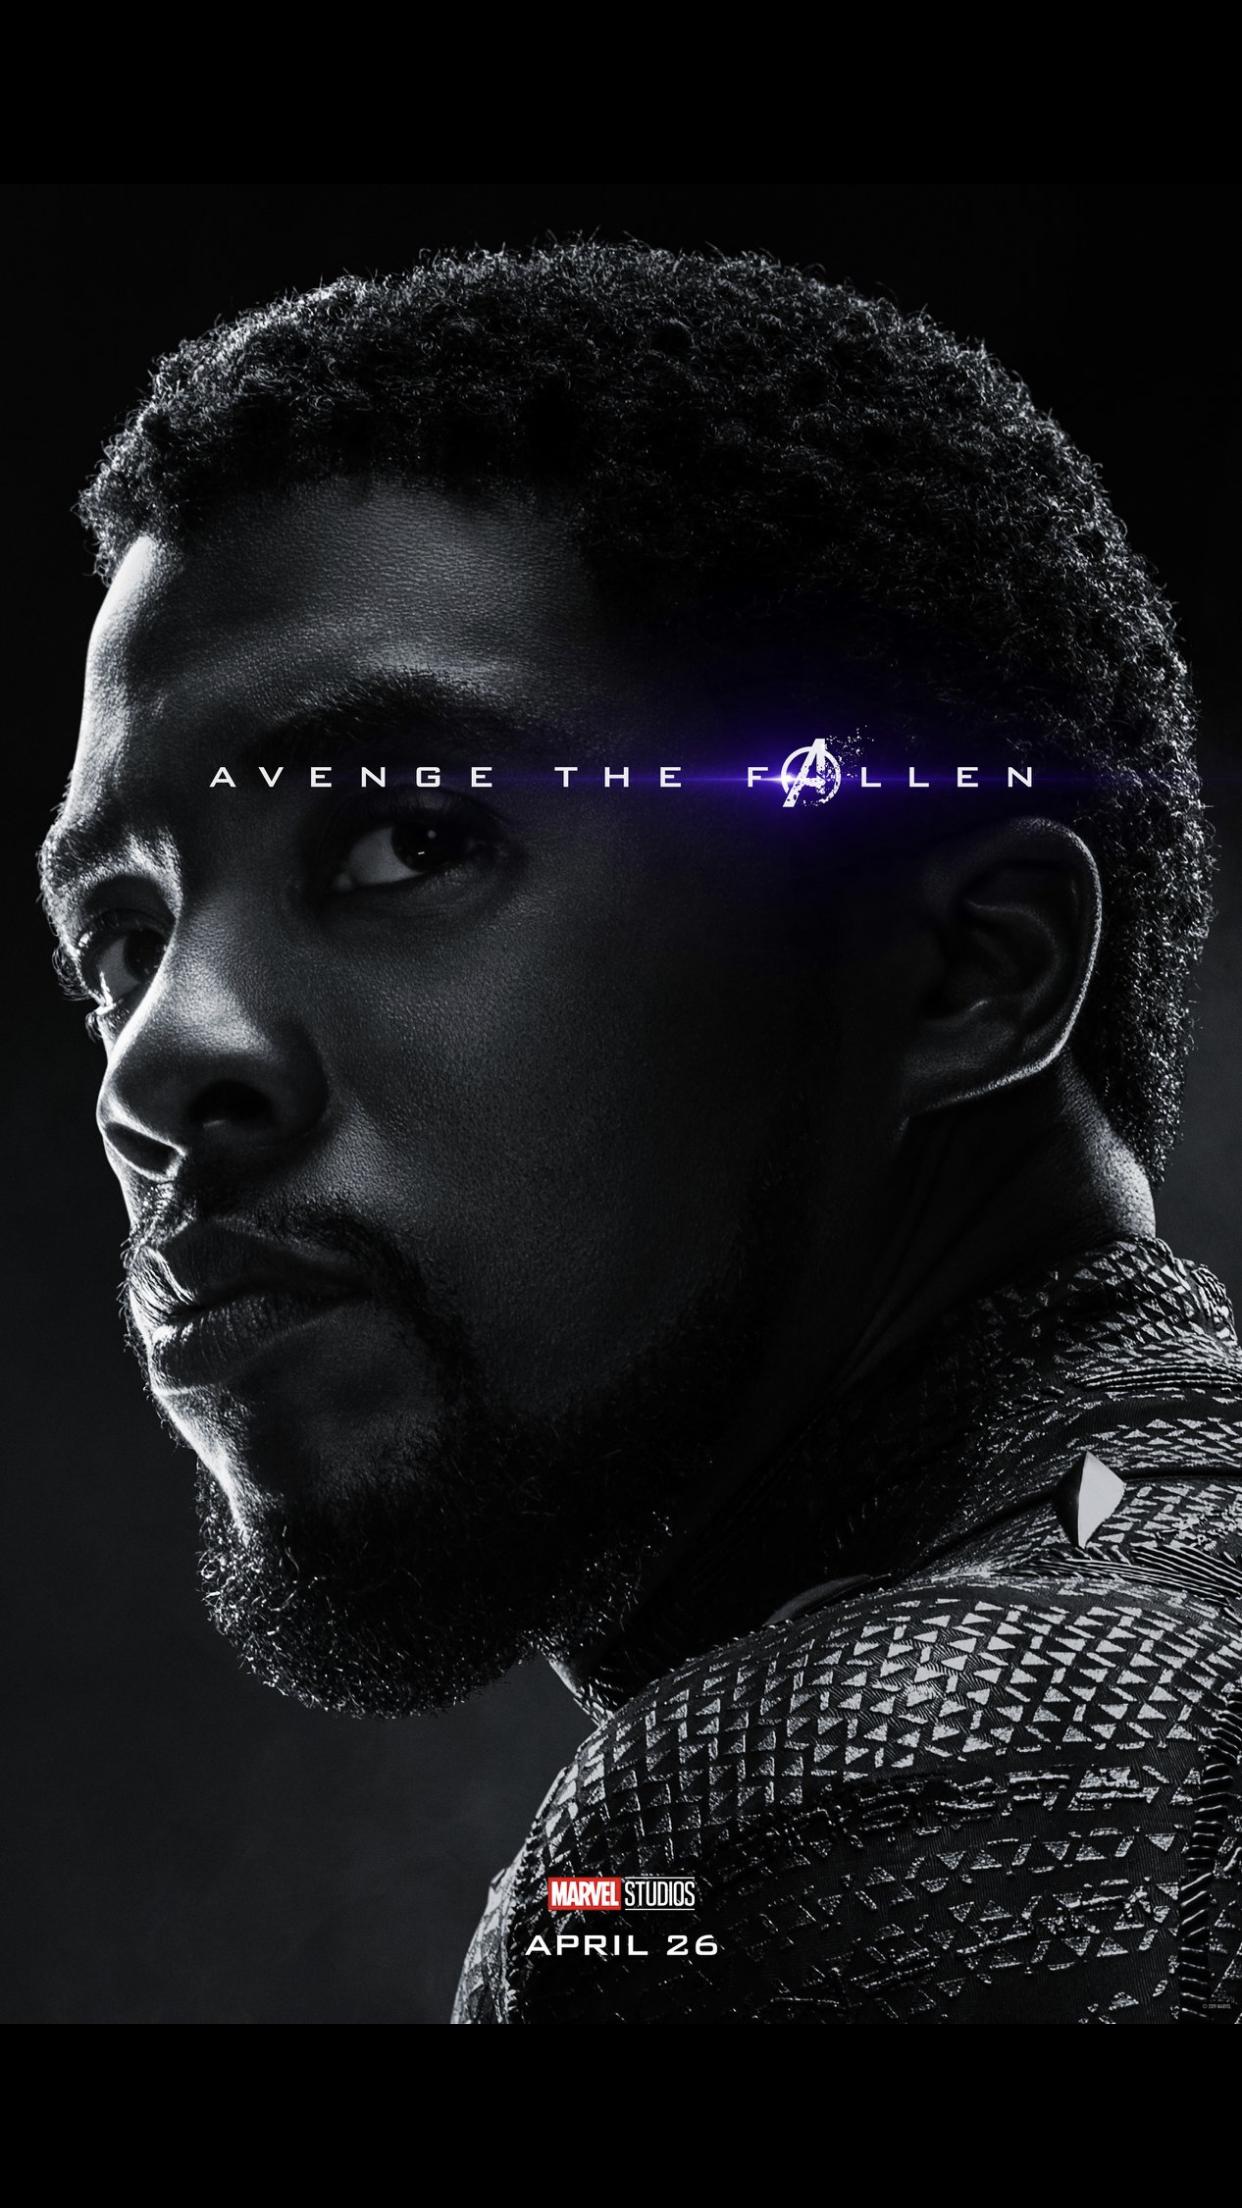 T Challa Avenge The Fallen Endgame Marvel Entertainment Avengers Movies Marvel Avengers